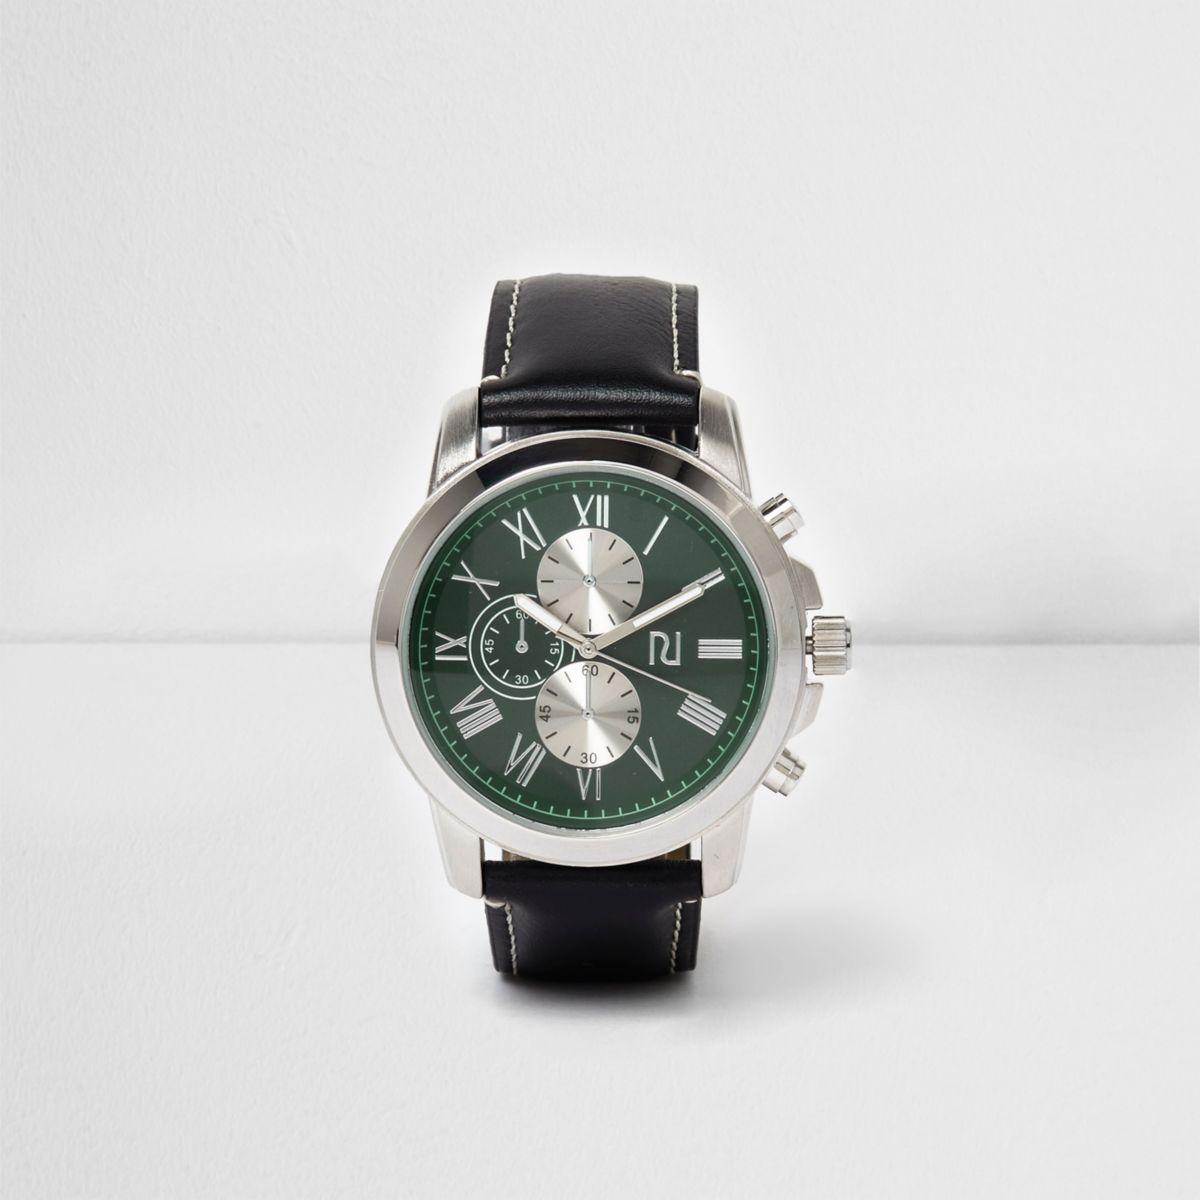 Schwarze Uhr im Leder-Look mit grünem Ziffernblatt